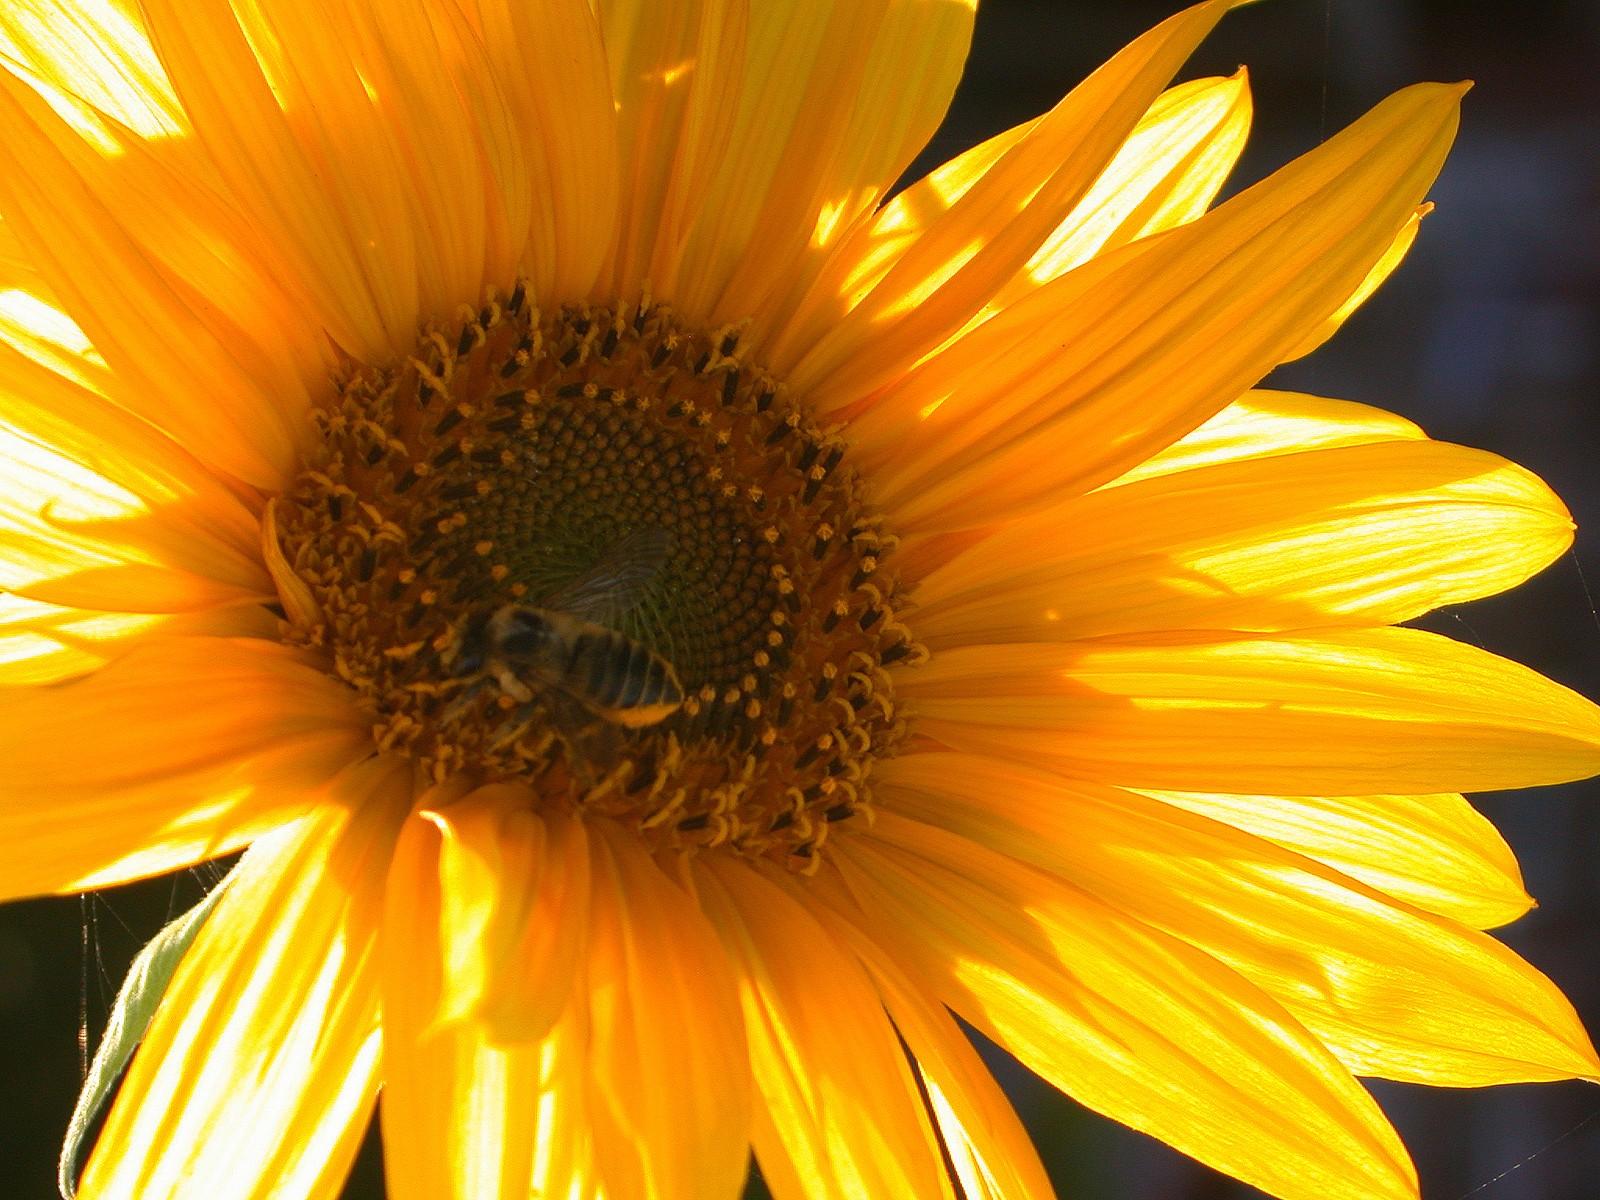 Sunflower - PHOTO BY BOB DORAN